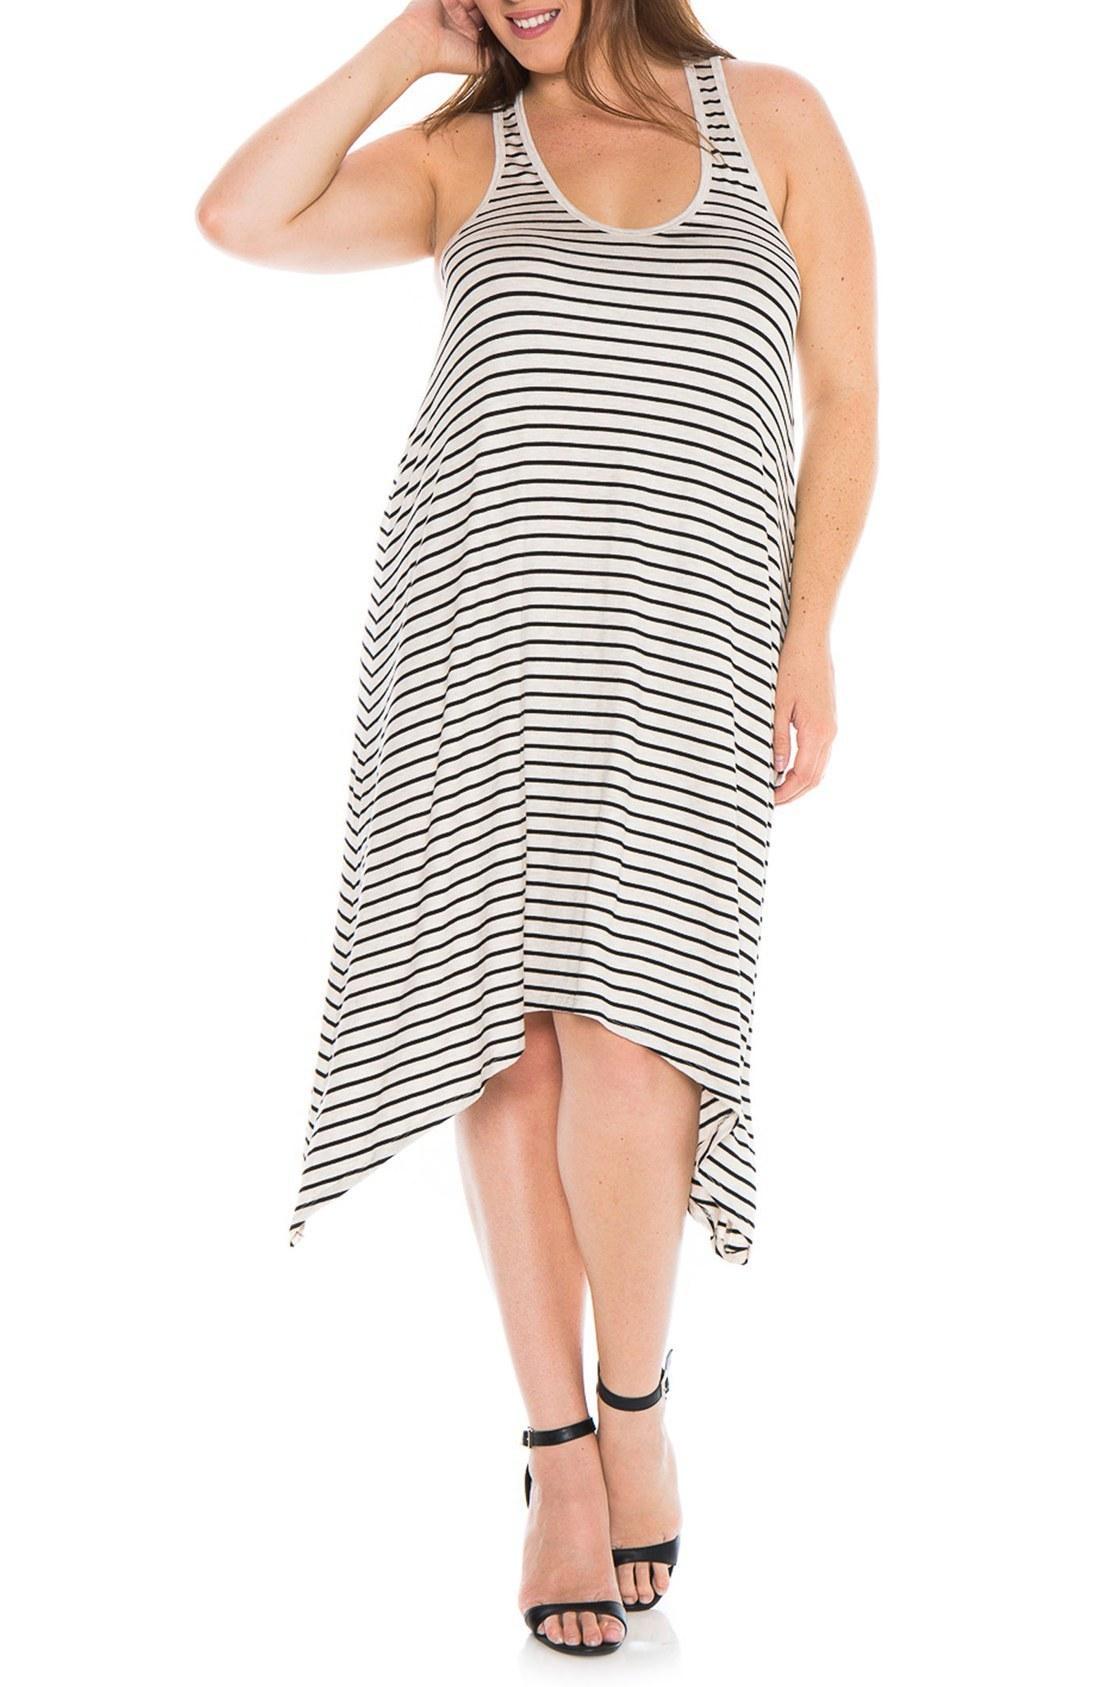 Slink Jeans Stripe Tank Dress In Oat/ Black